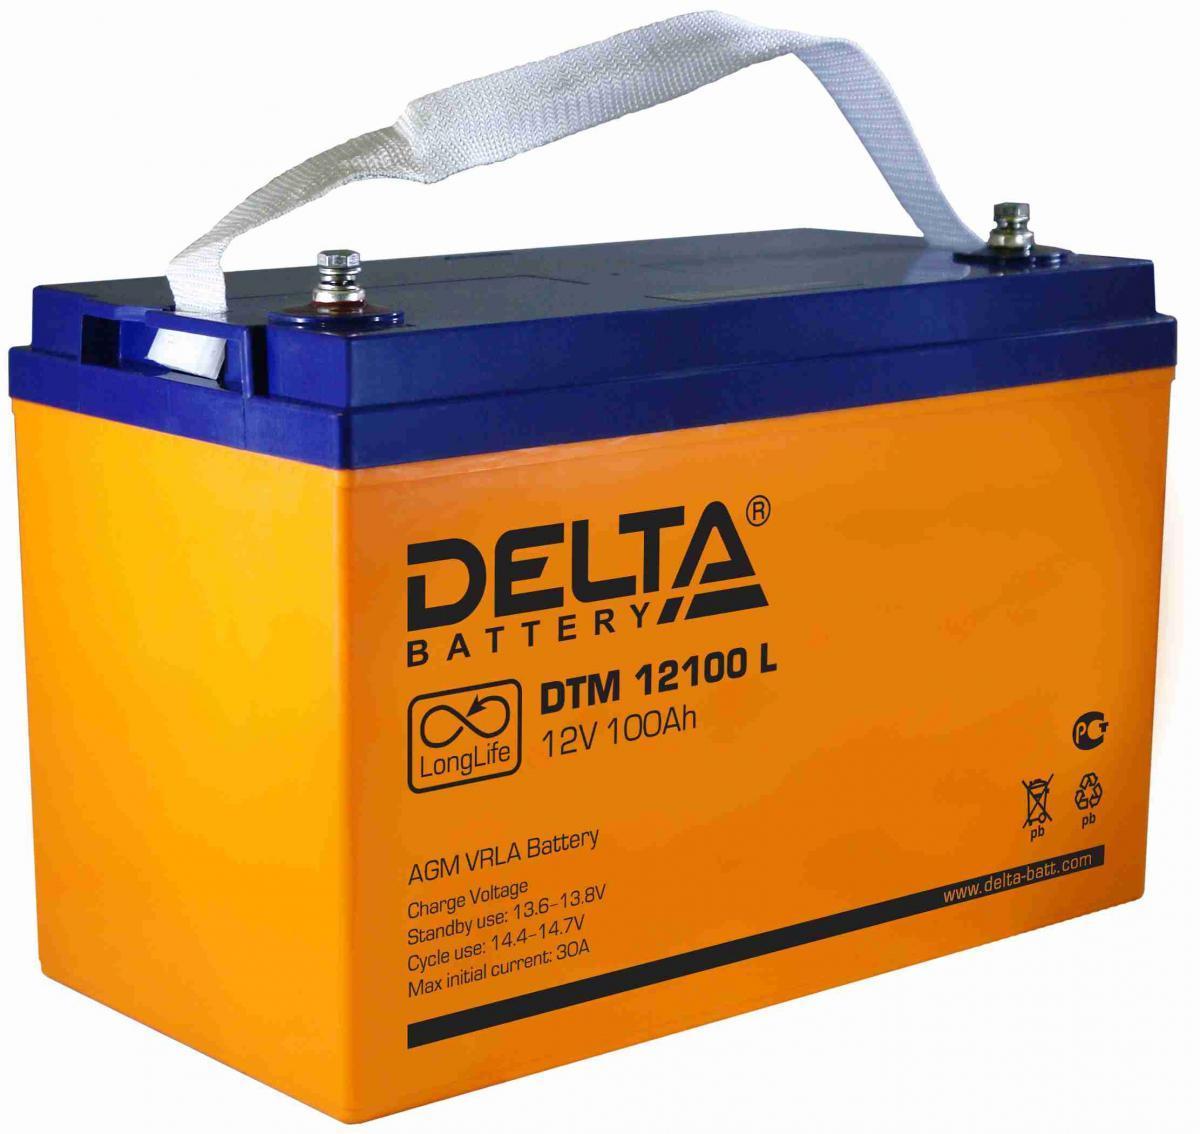 Гелевый аккумулятор Delta серии DTM